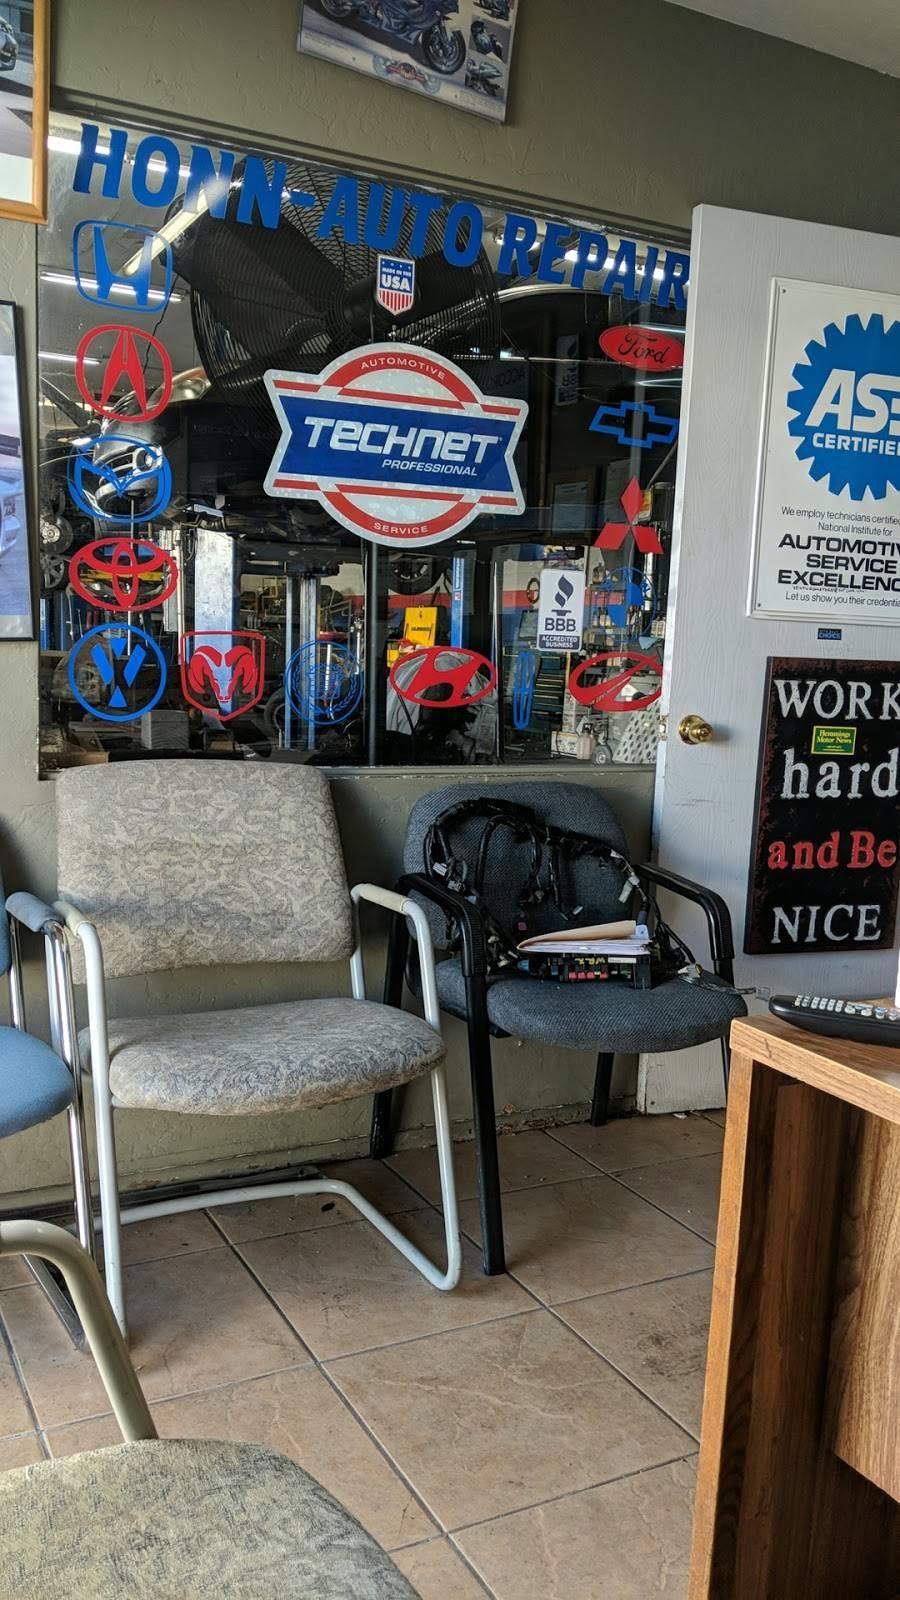 Honn Auto Repair Shop - car repair  | Photo 1 of 7 | Address: 2651, 431 S Stapley Dr # 7, Mesa, AZ 85204, USA | Phone: (480) 649-7009